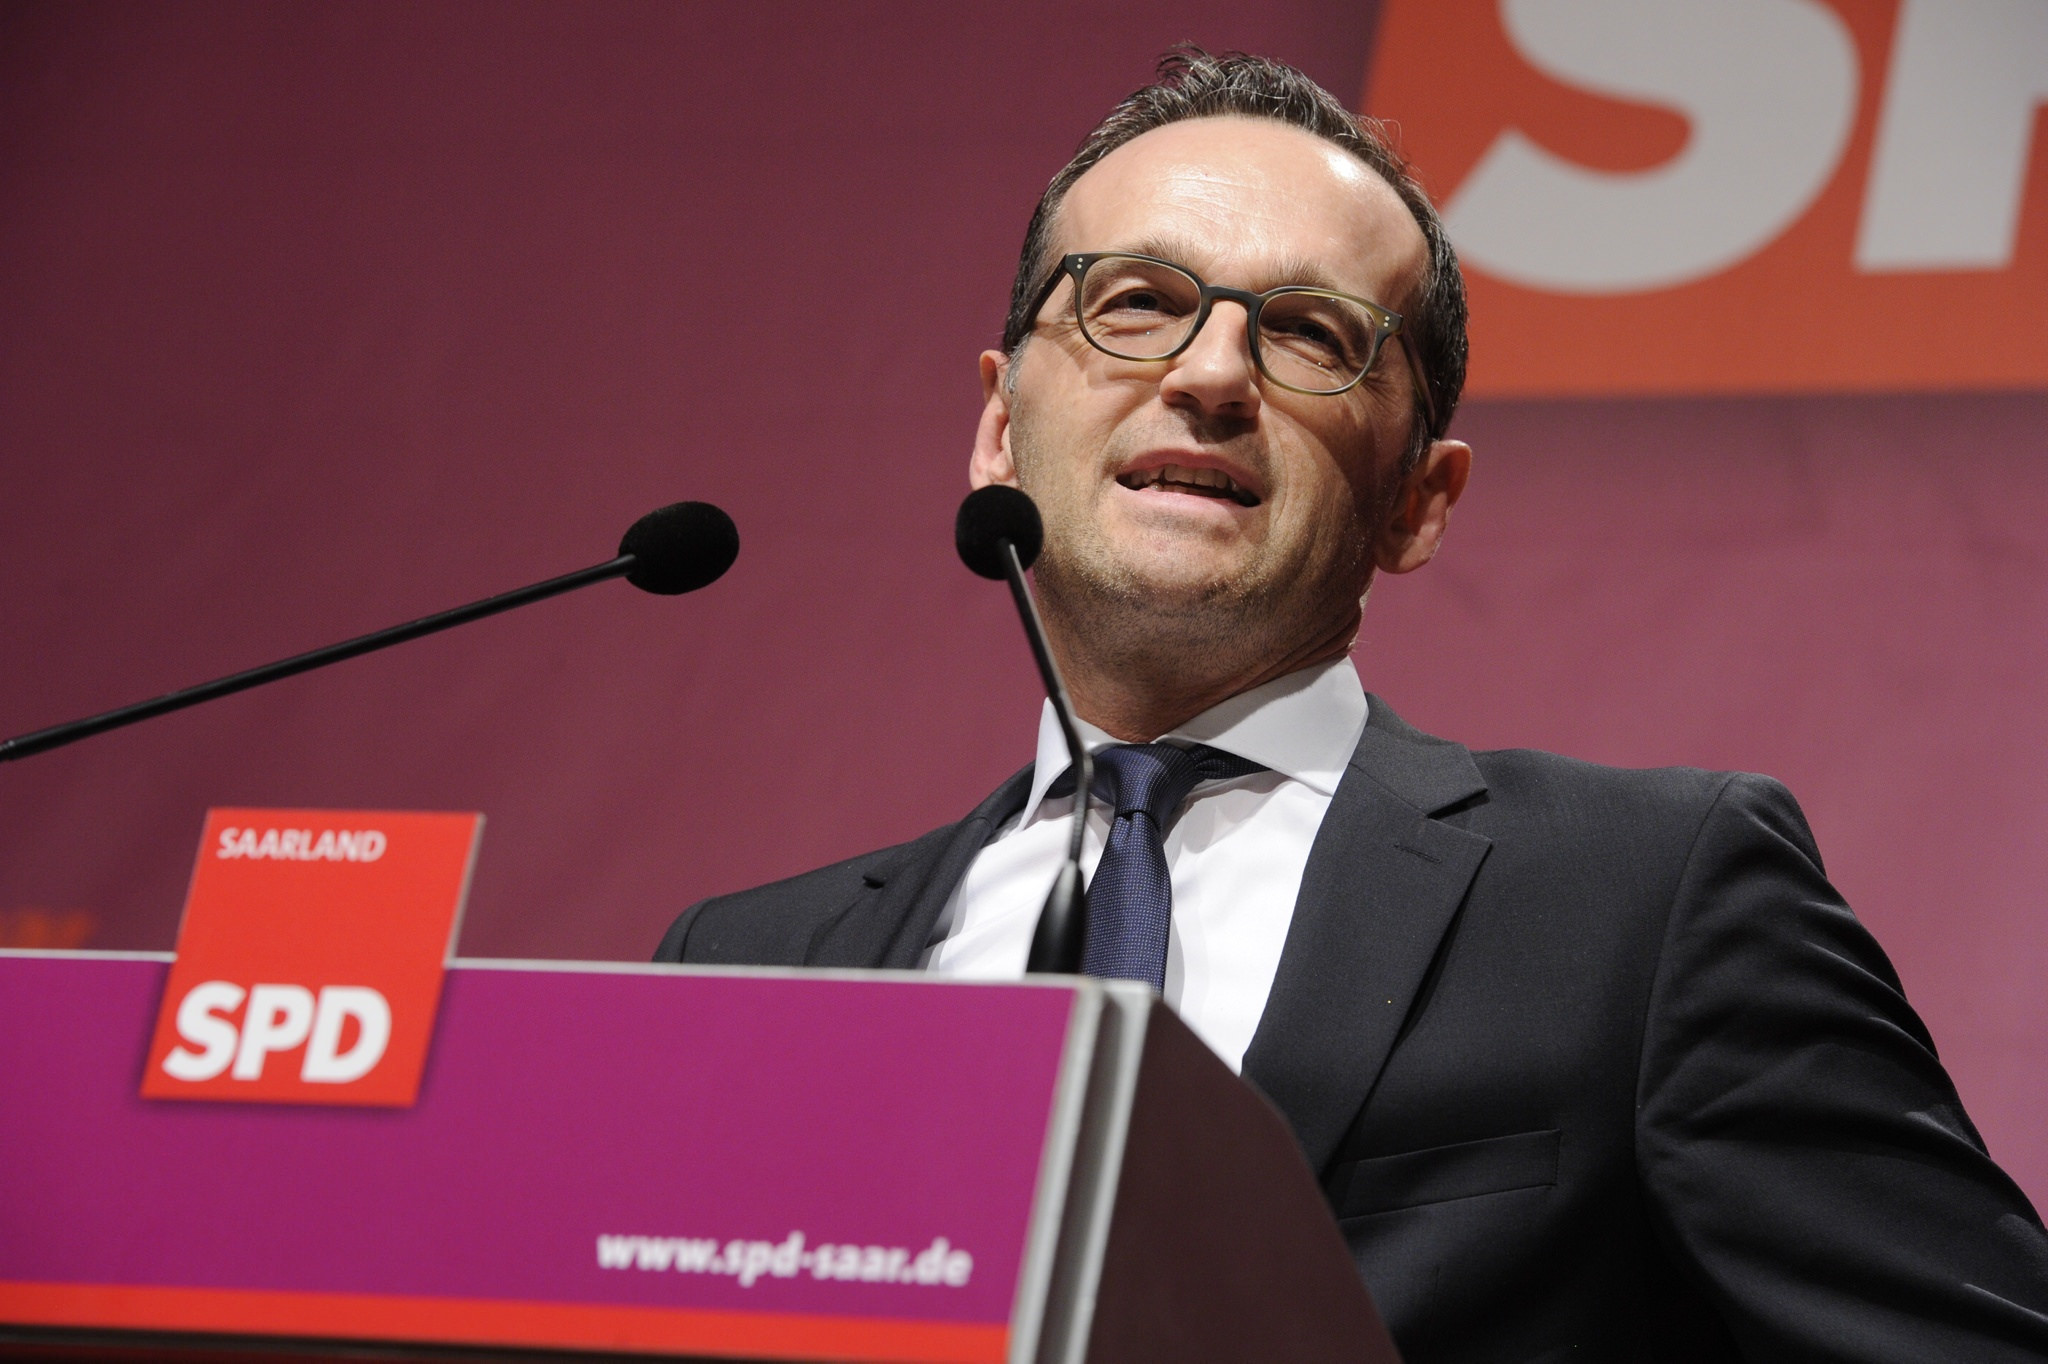 Bundesjustizmiister Heiko Maas verteidigt Strafmaßnahmen gegen Terroristen als ausreichend.